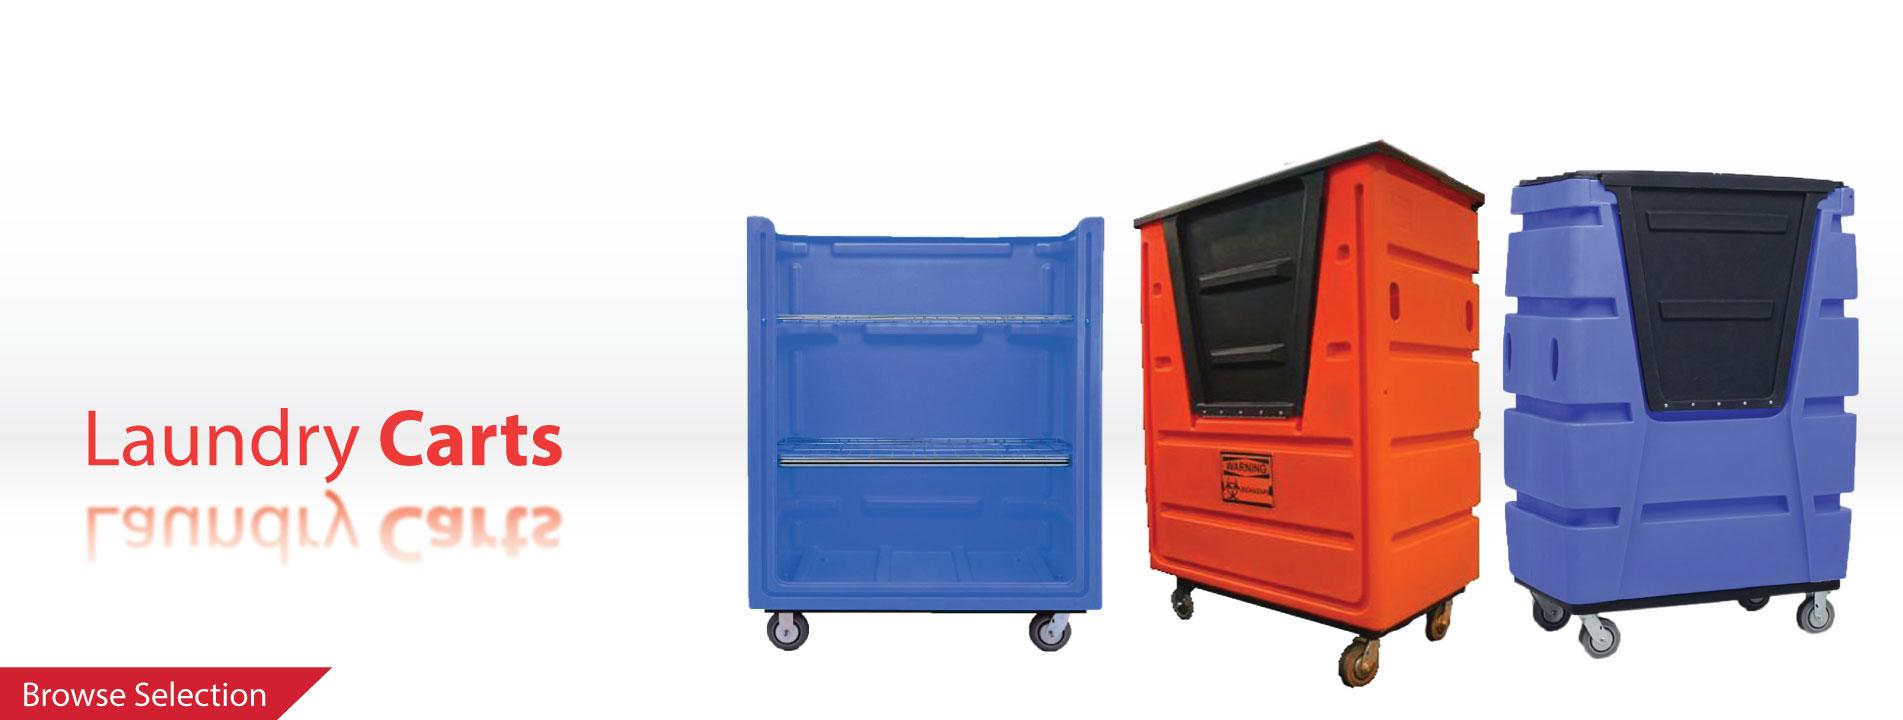 Laundry-Carts